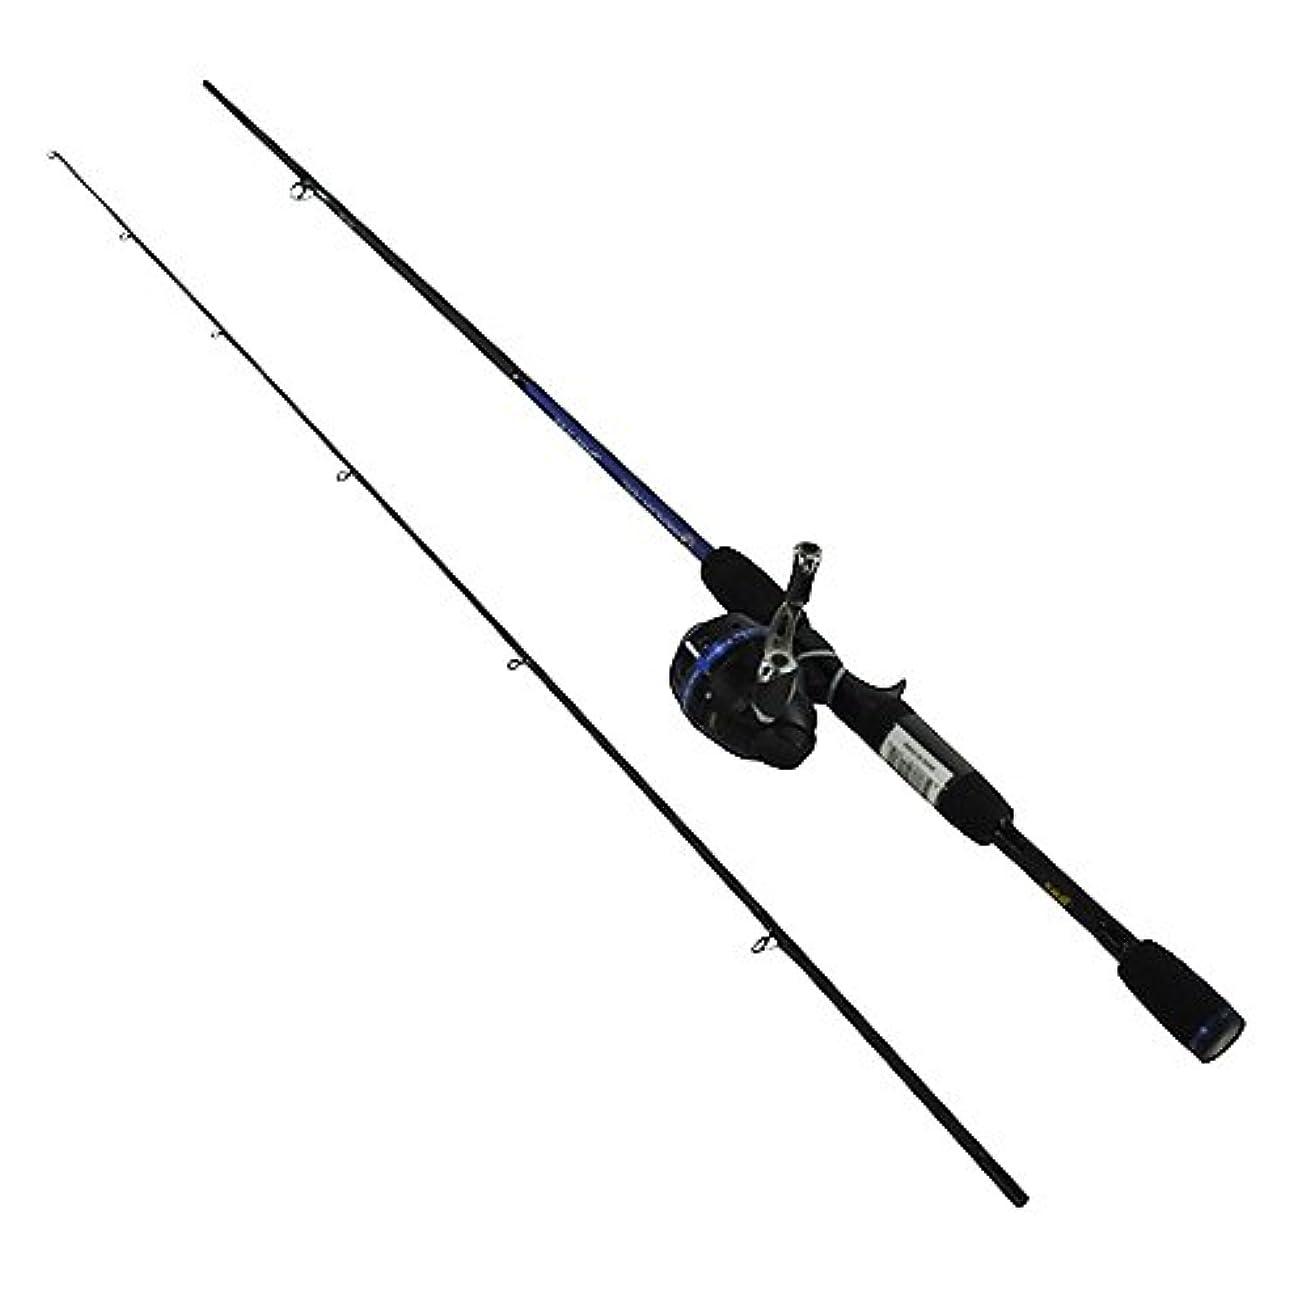 示す現代の最も早いLew 's釣りahm2060 m-2 Lews釣り、American Hero淡水Spincastコンボ、6 ' 2ピースロッド、3.1 :ギア比、0軸受